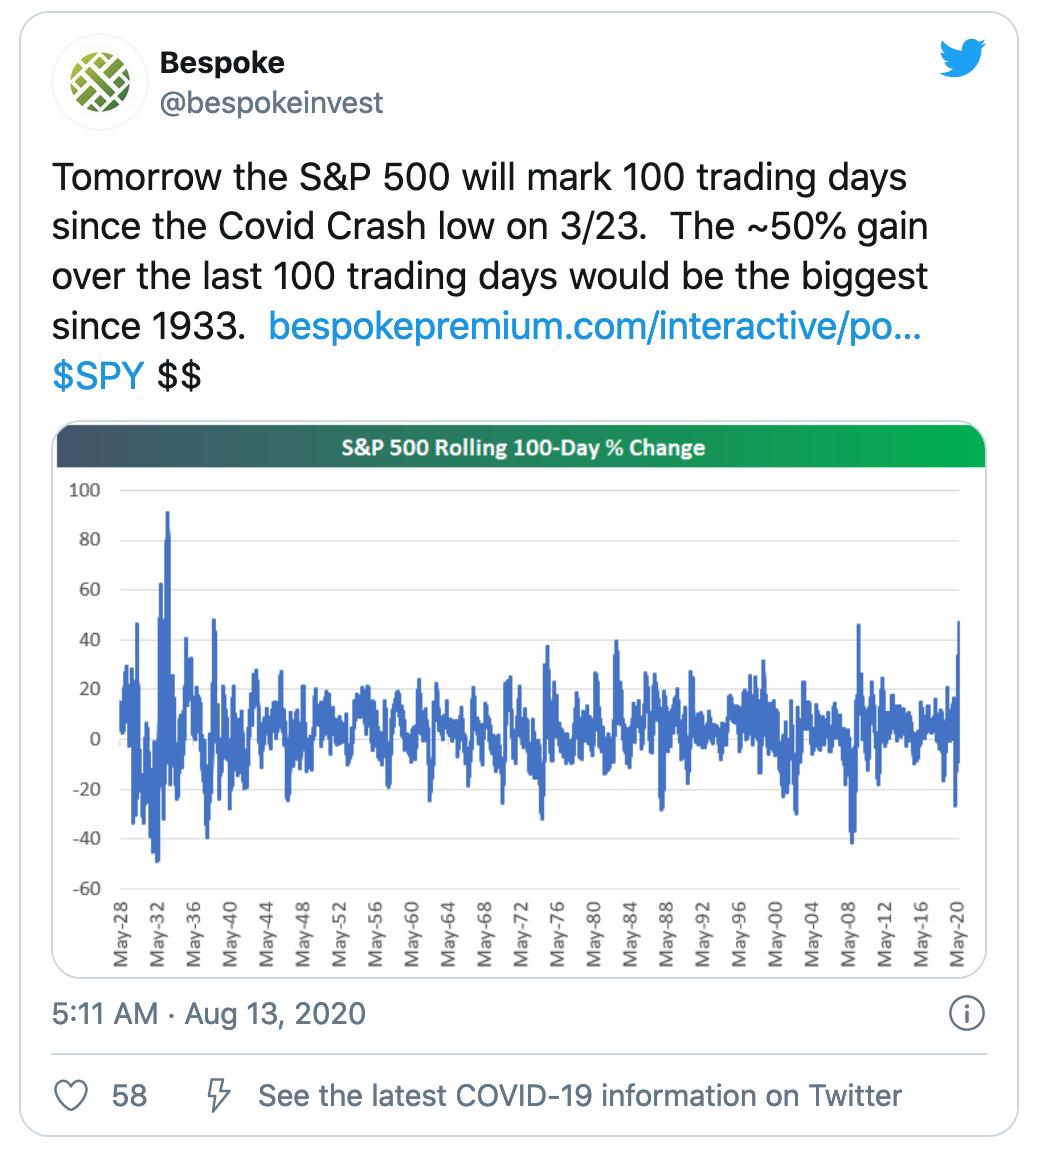 反弹力度近90年未见!美股创下最好一百天表现